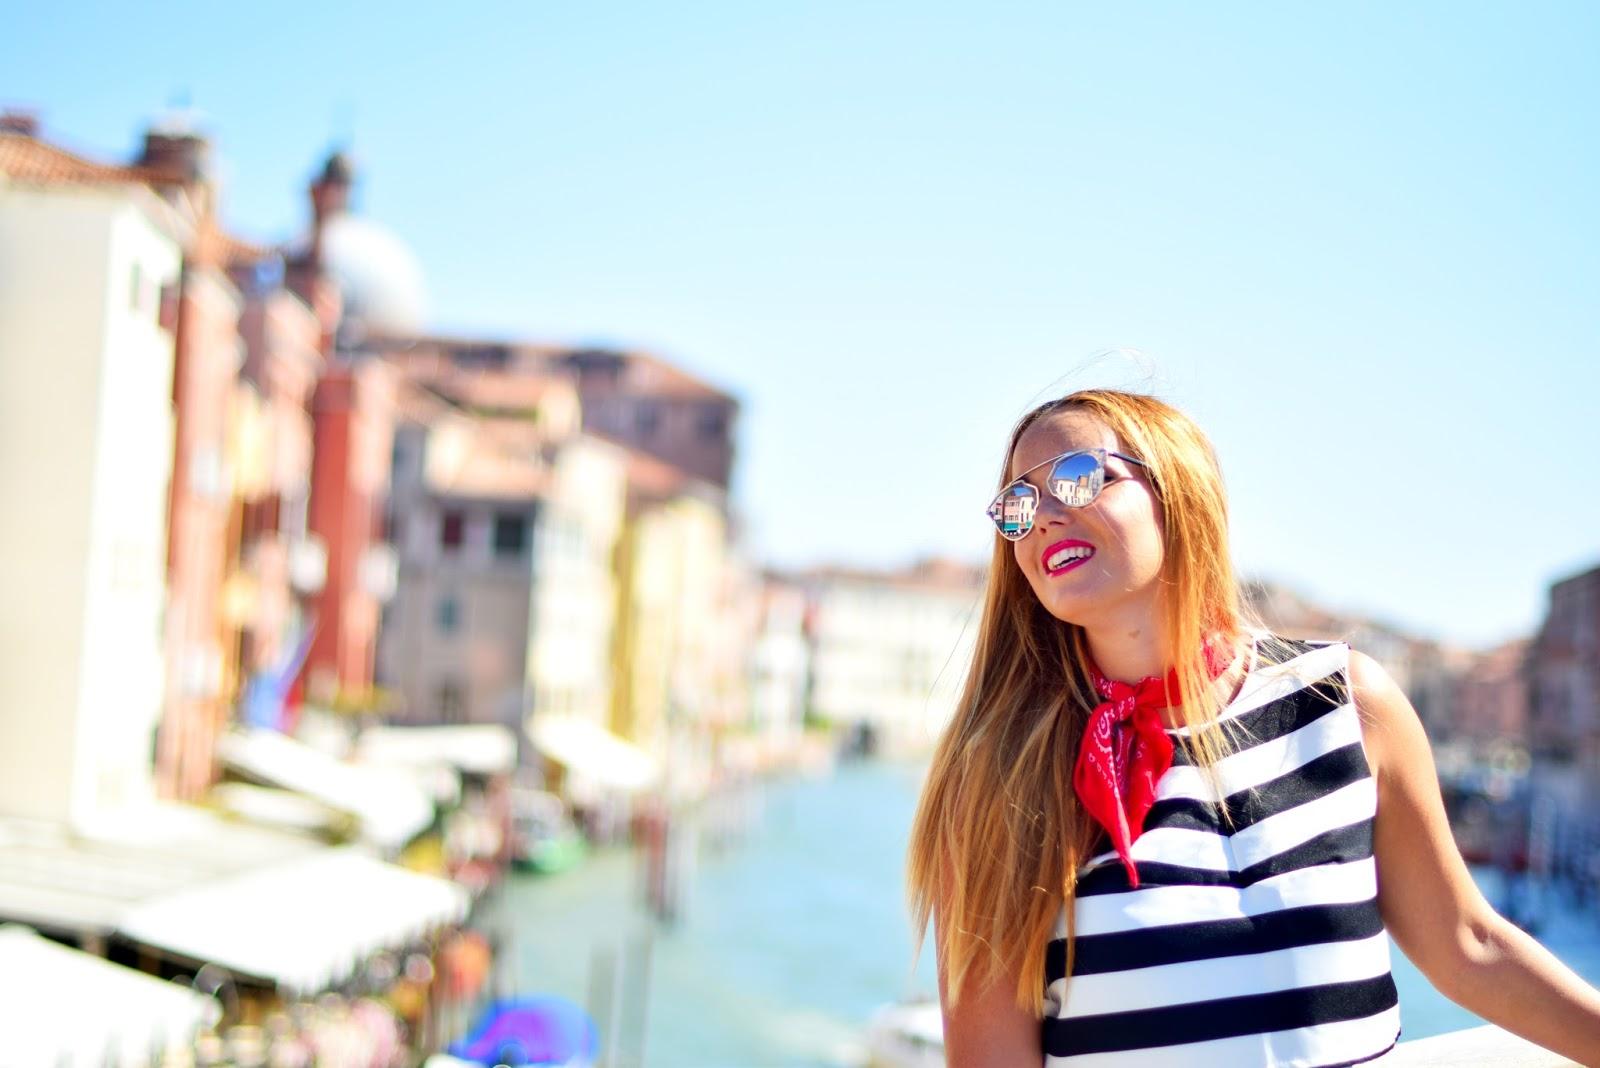 nery hdez, blogger de moda, blogger de moda canaria, moda en canarias, blogueras de tenerife